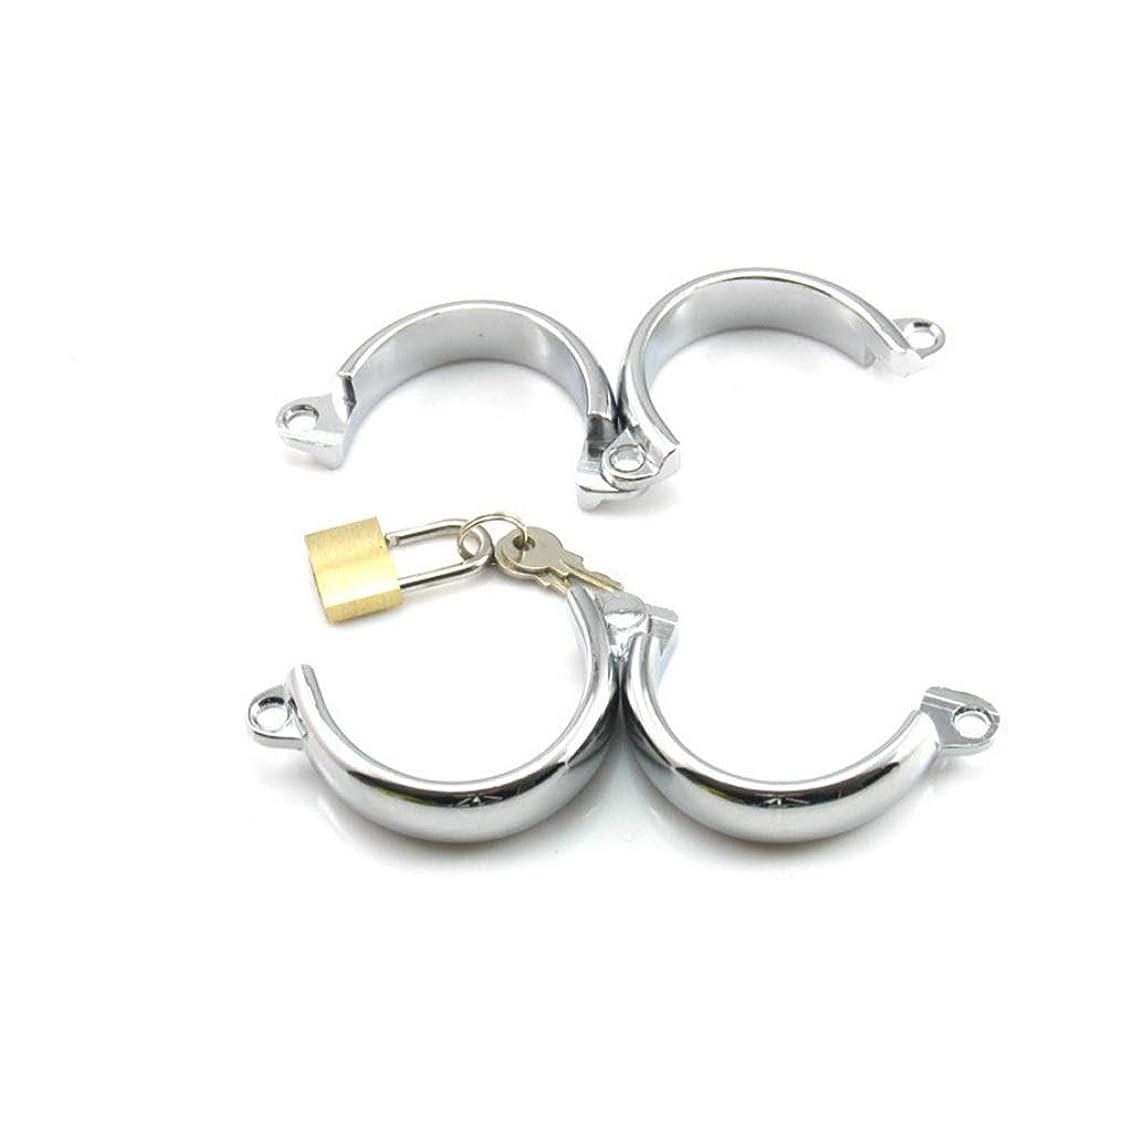 追い払う彫刻鍔CXQ カップルのための楽しいシンプルな銅の南京錠の開閉手錠 Yoga mat